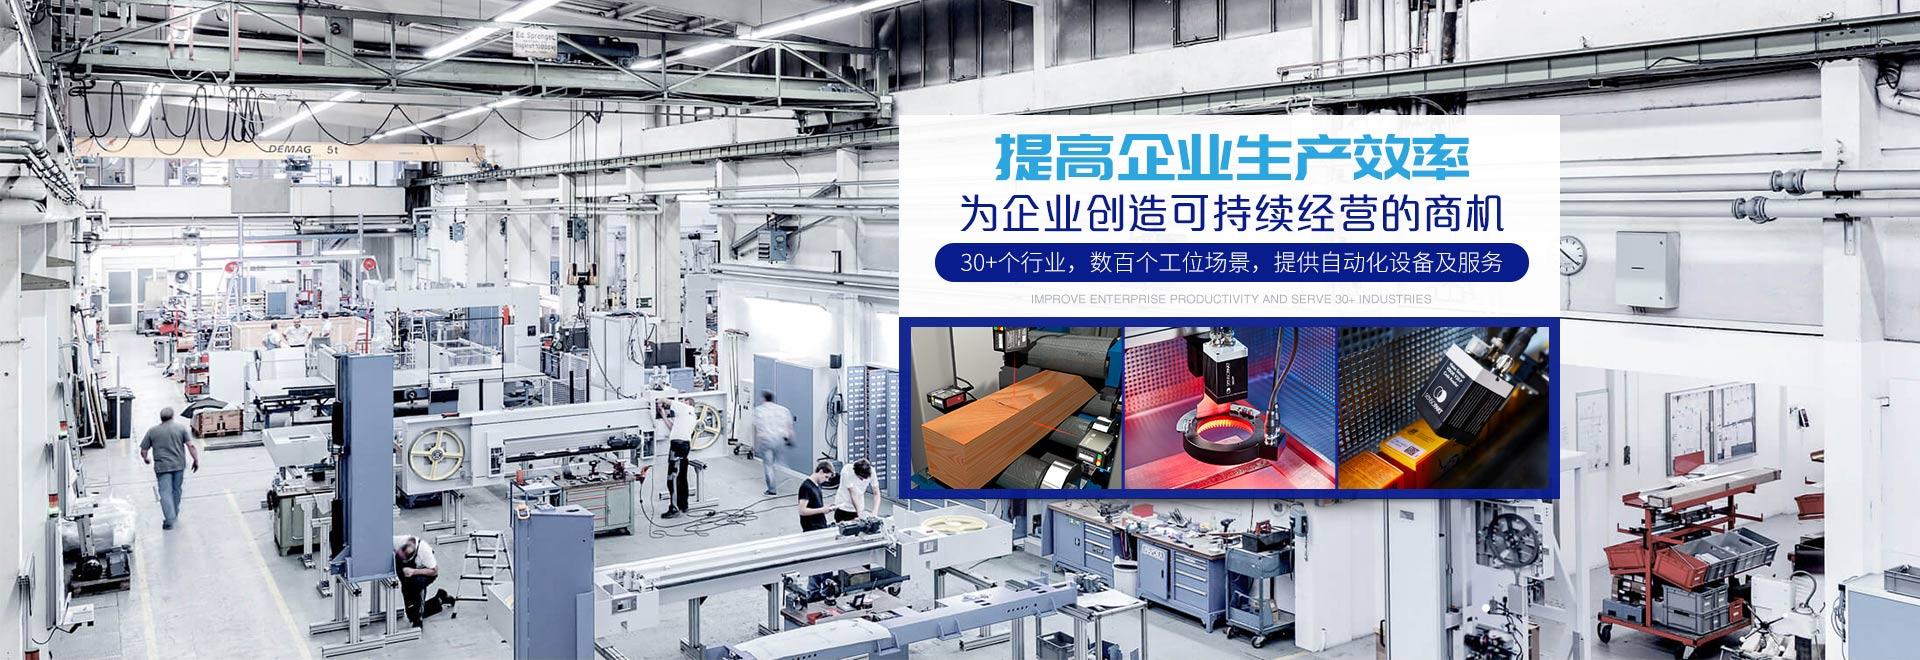 米秀,提高企业生产效率,为企业创造可持续经营的商机